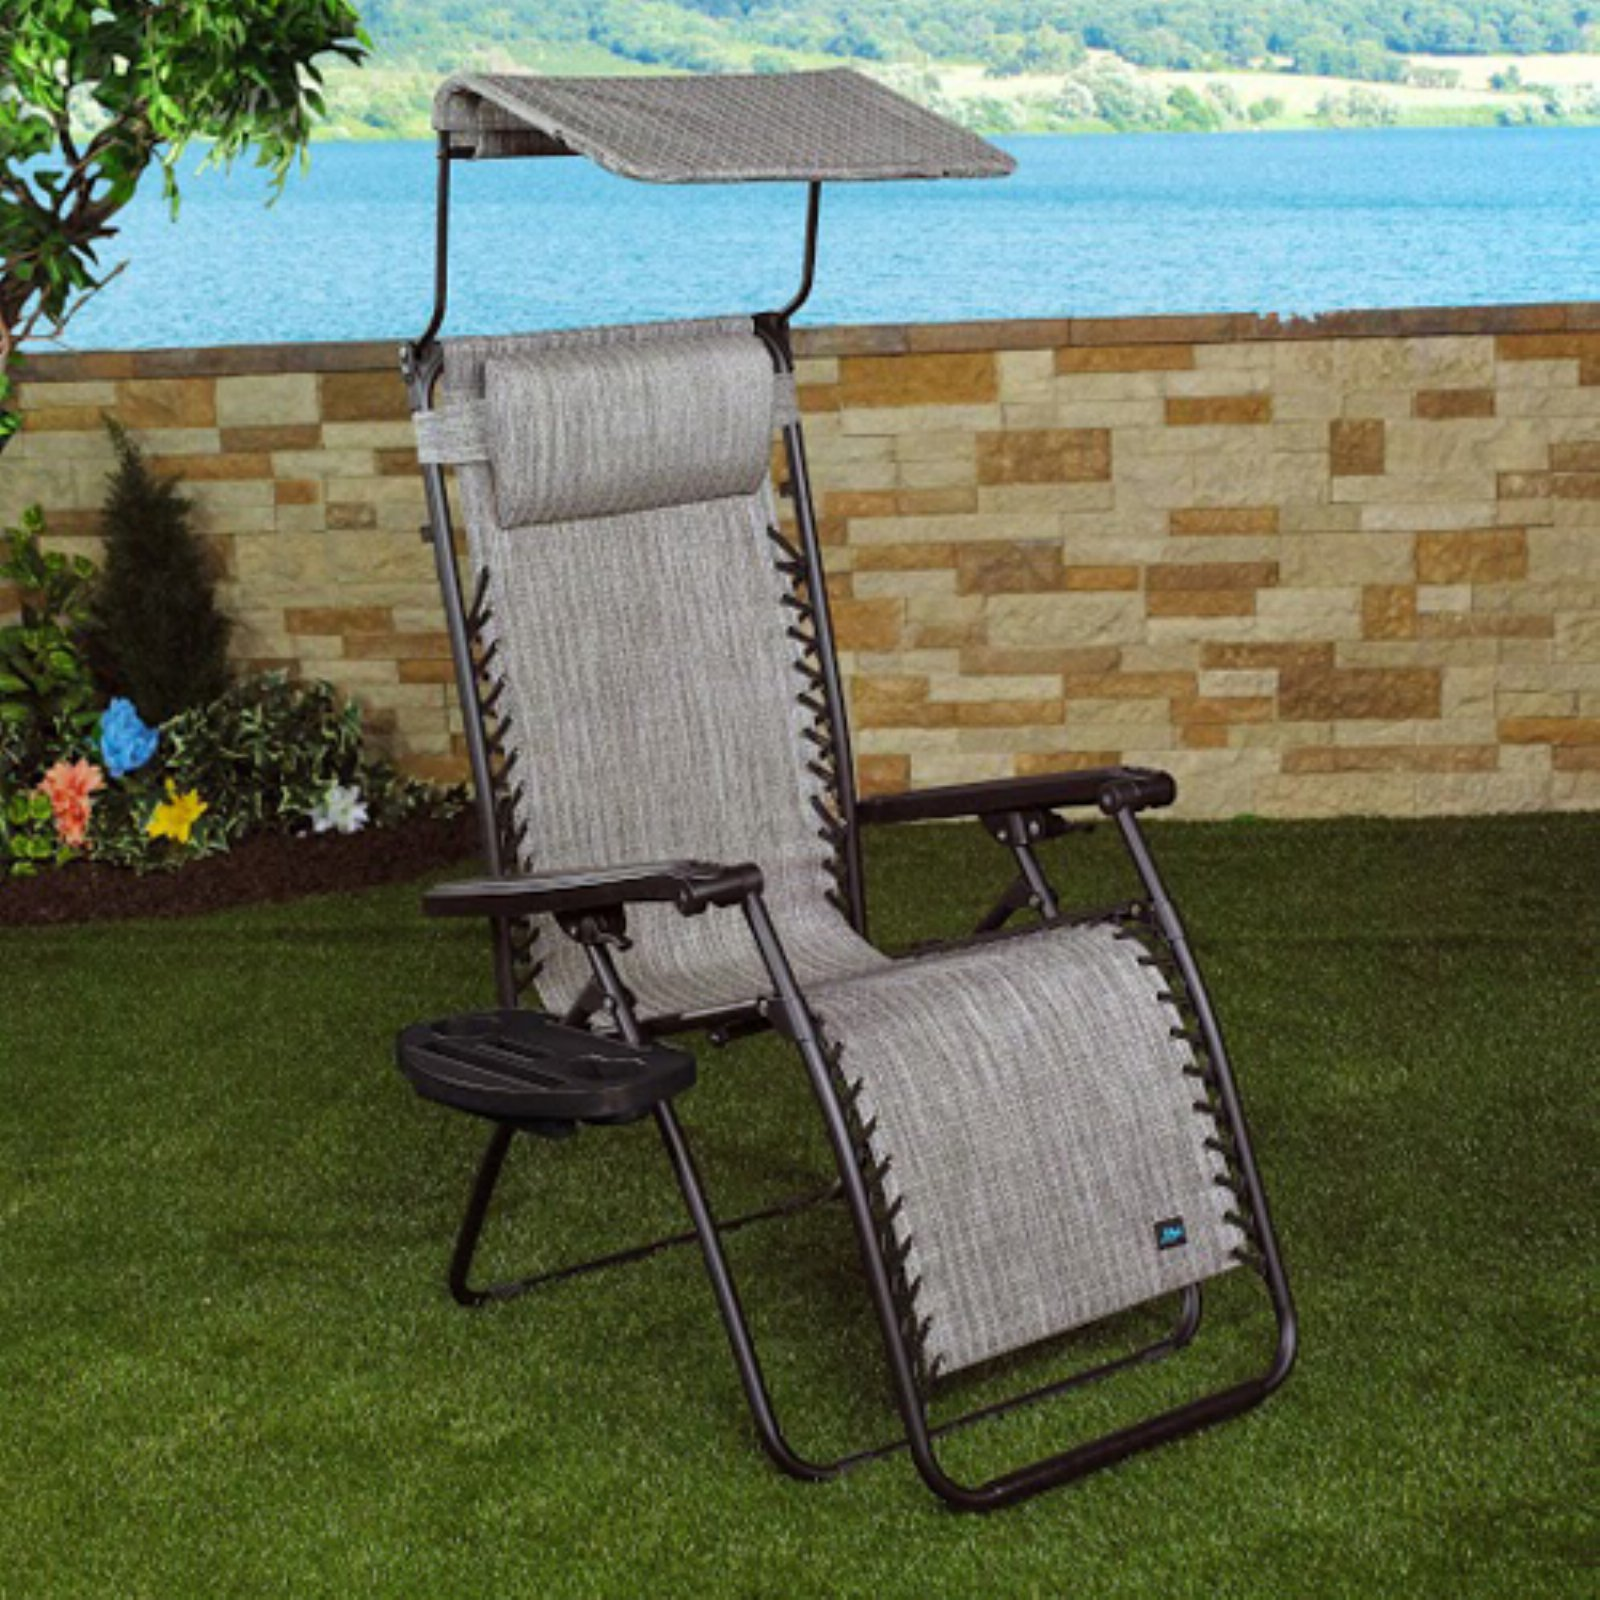 stand bliss chair chairs zero hammocks metro hammock recliner gravity